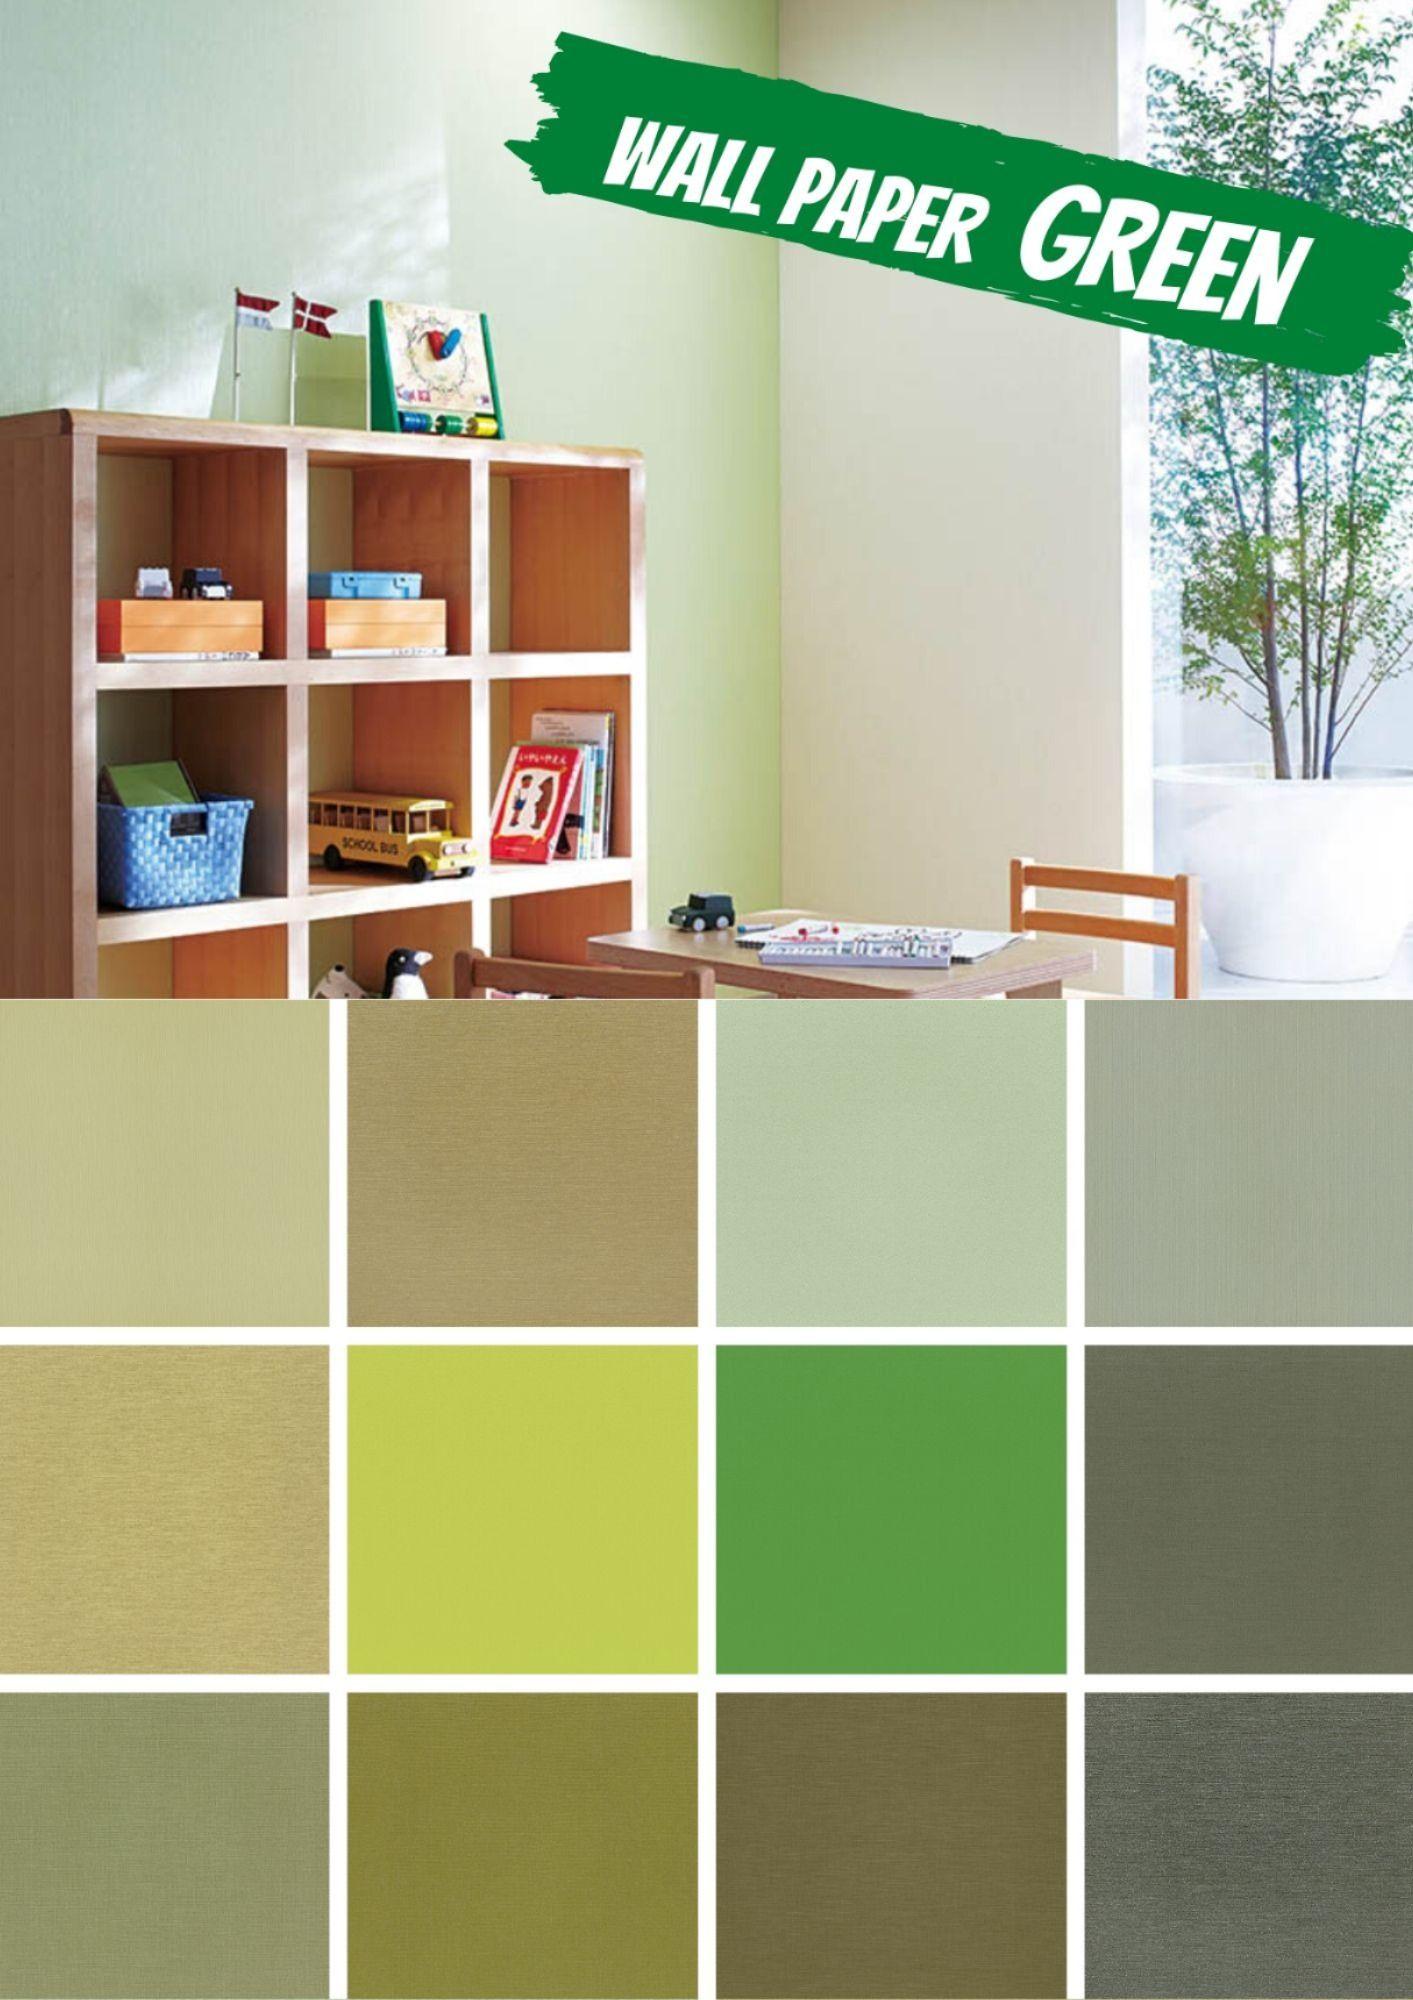 壁紙wall Paper カラー別 グリーン Power1000 リビング キッチン リフォーム 壁紙